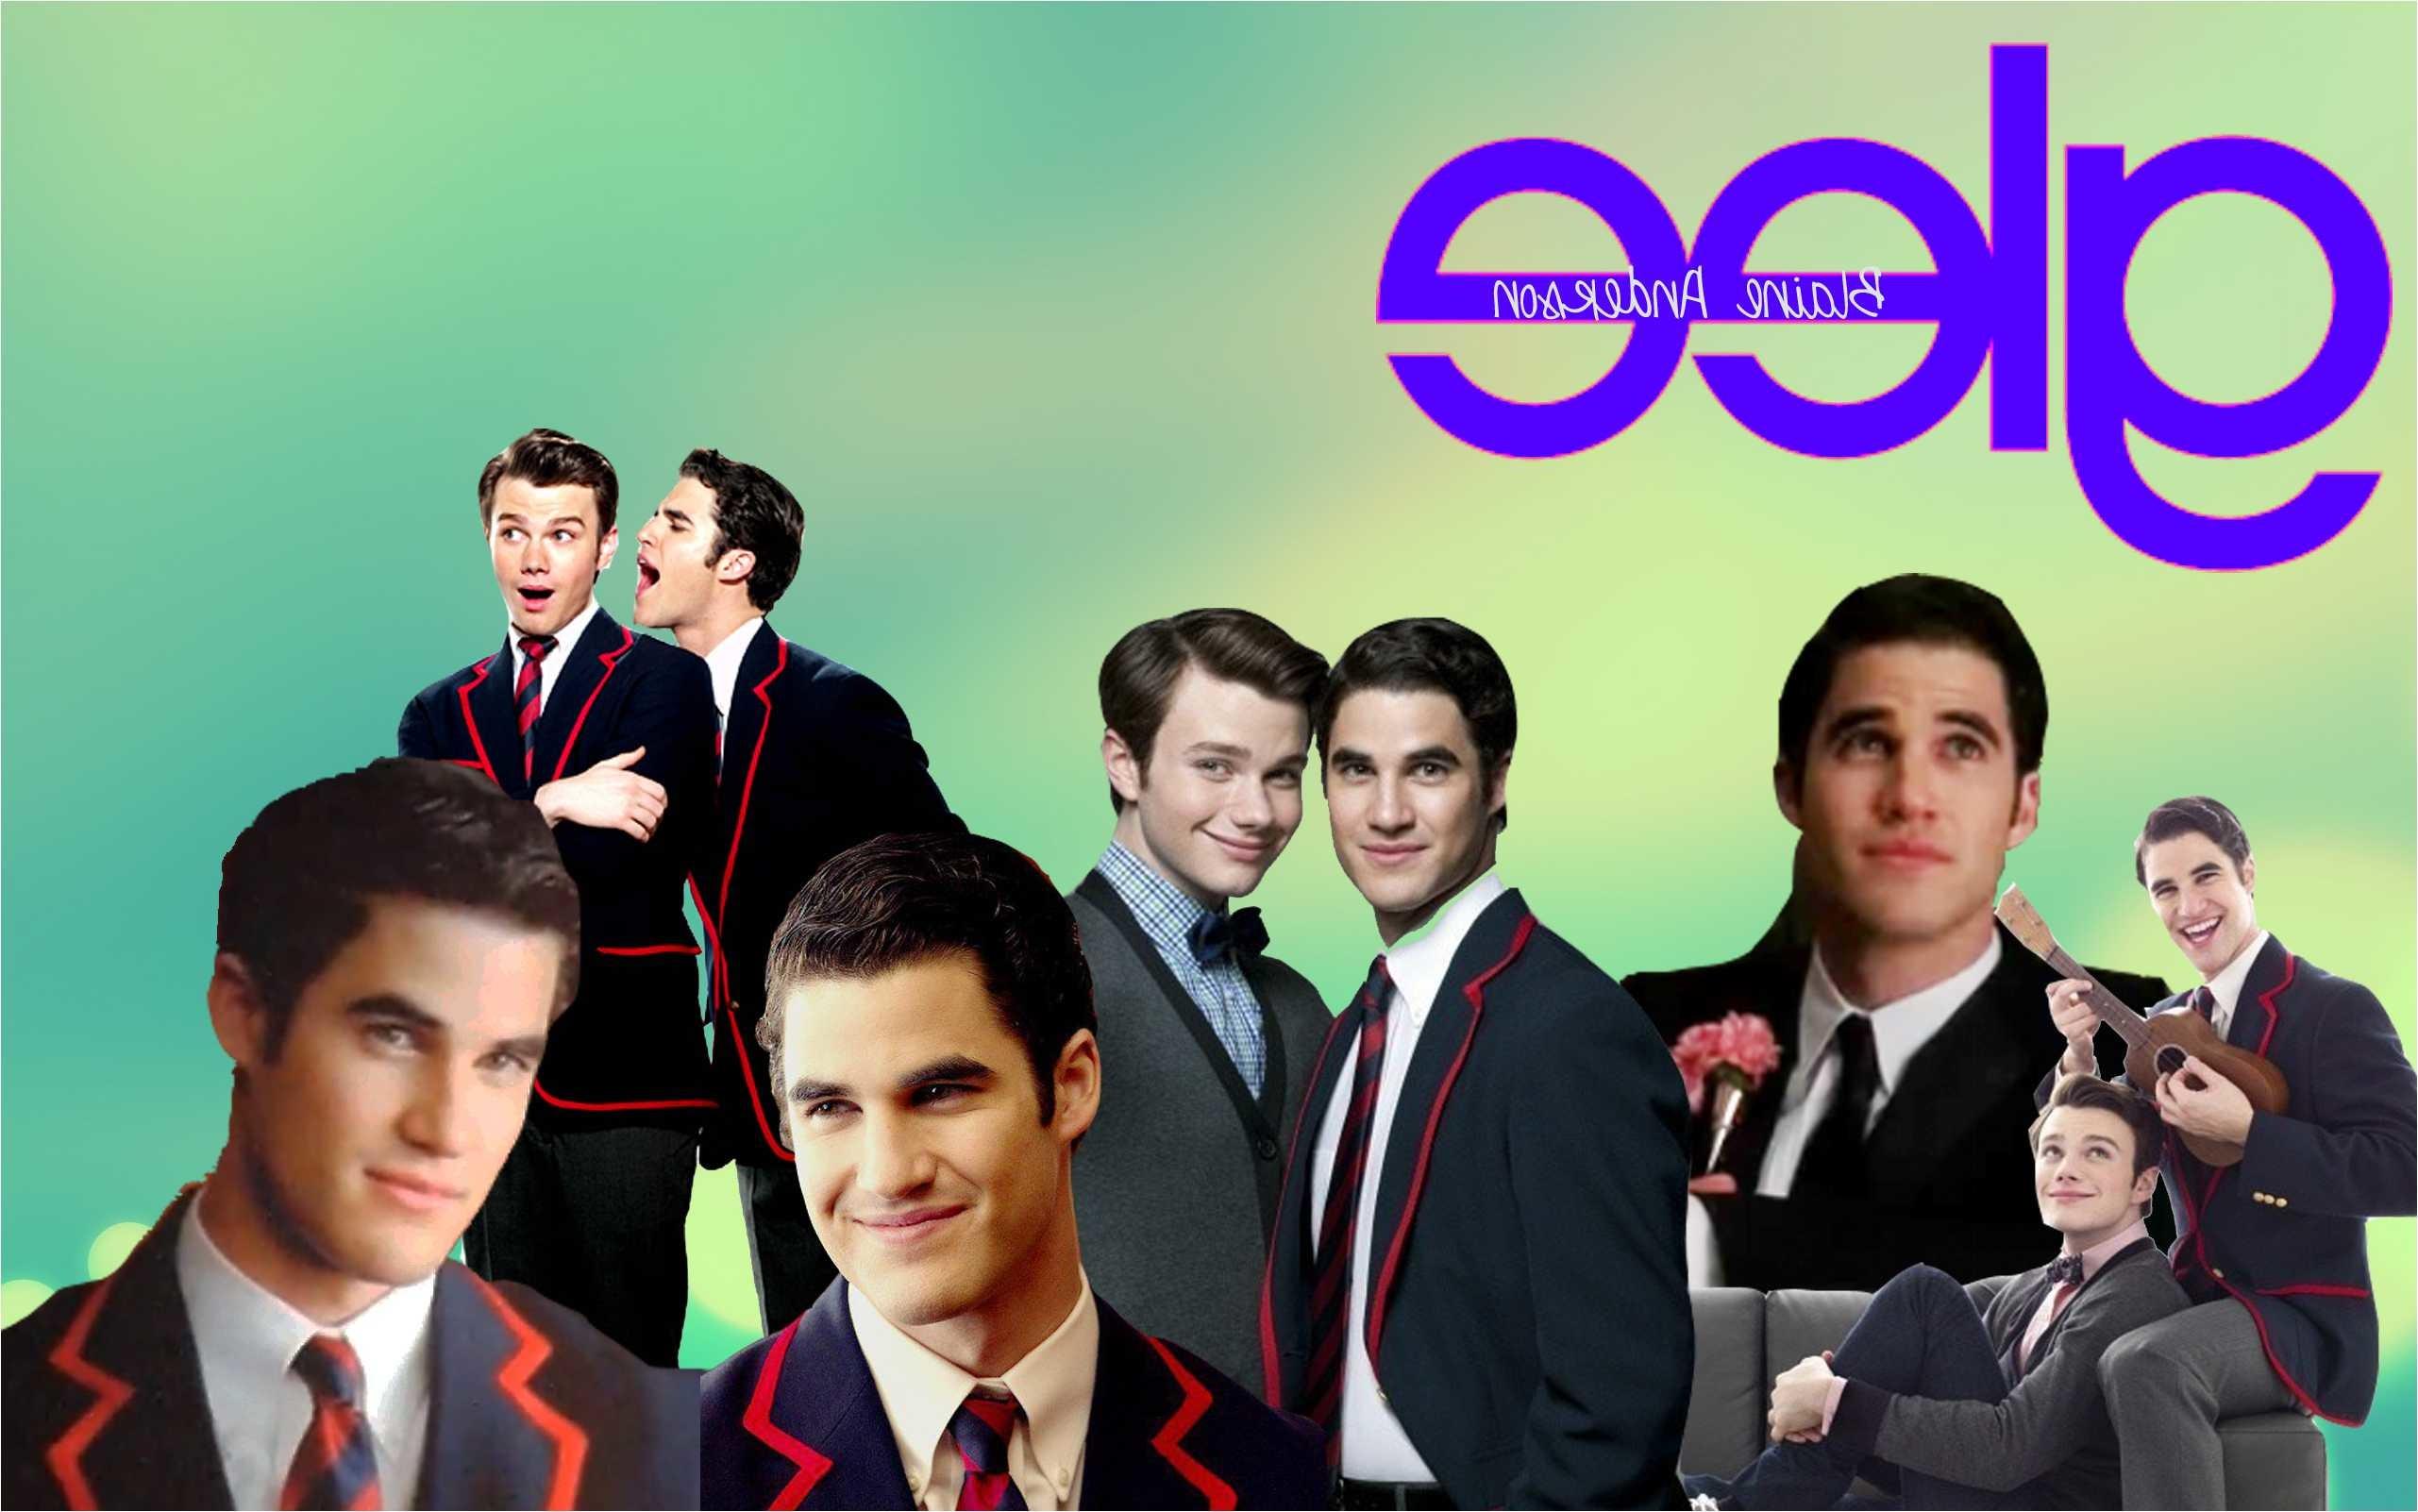 Glee Cell Phone Wallpaper Fitrini S Wallpaper